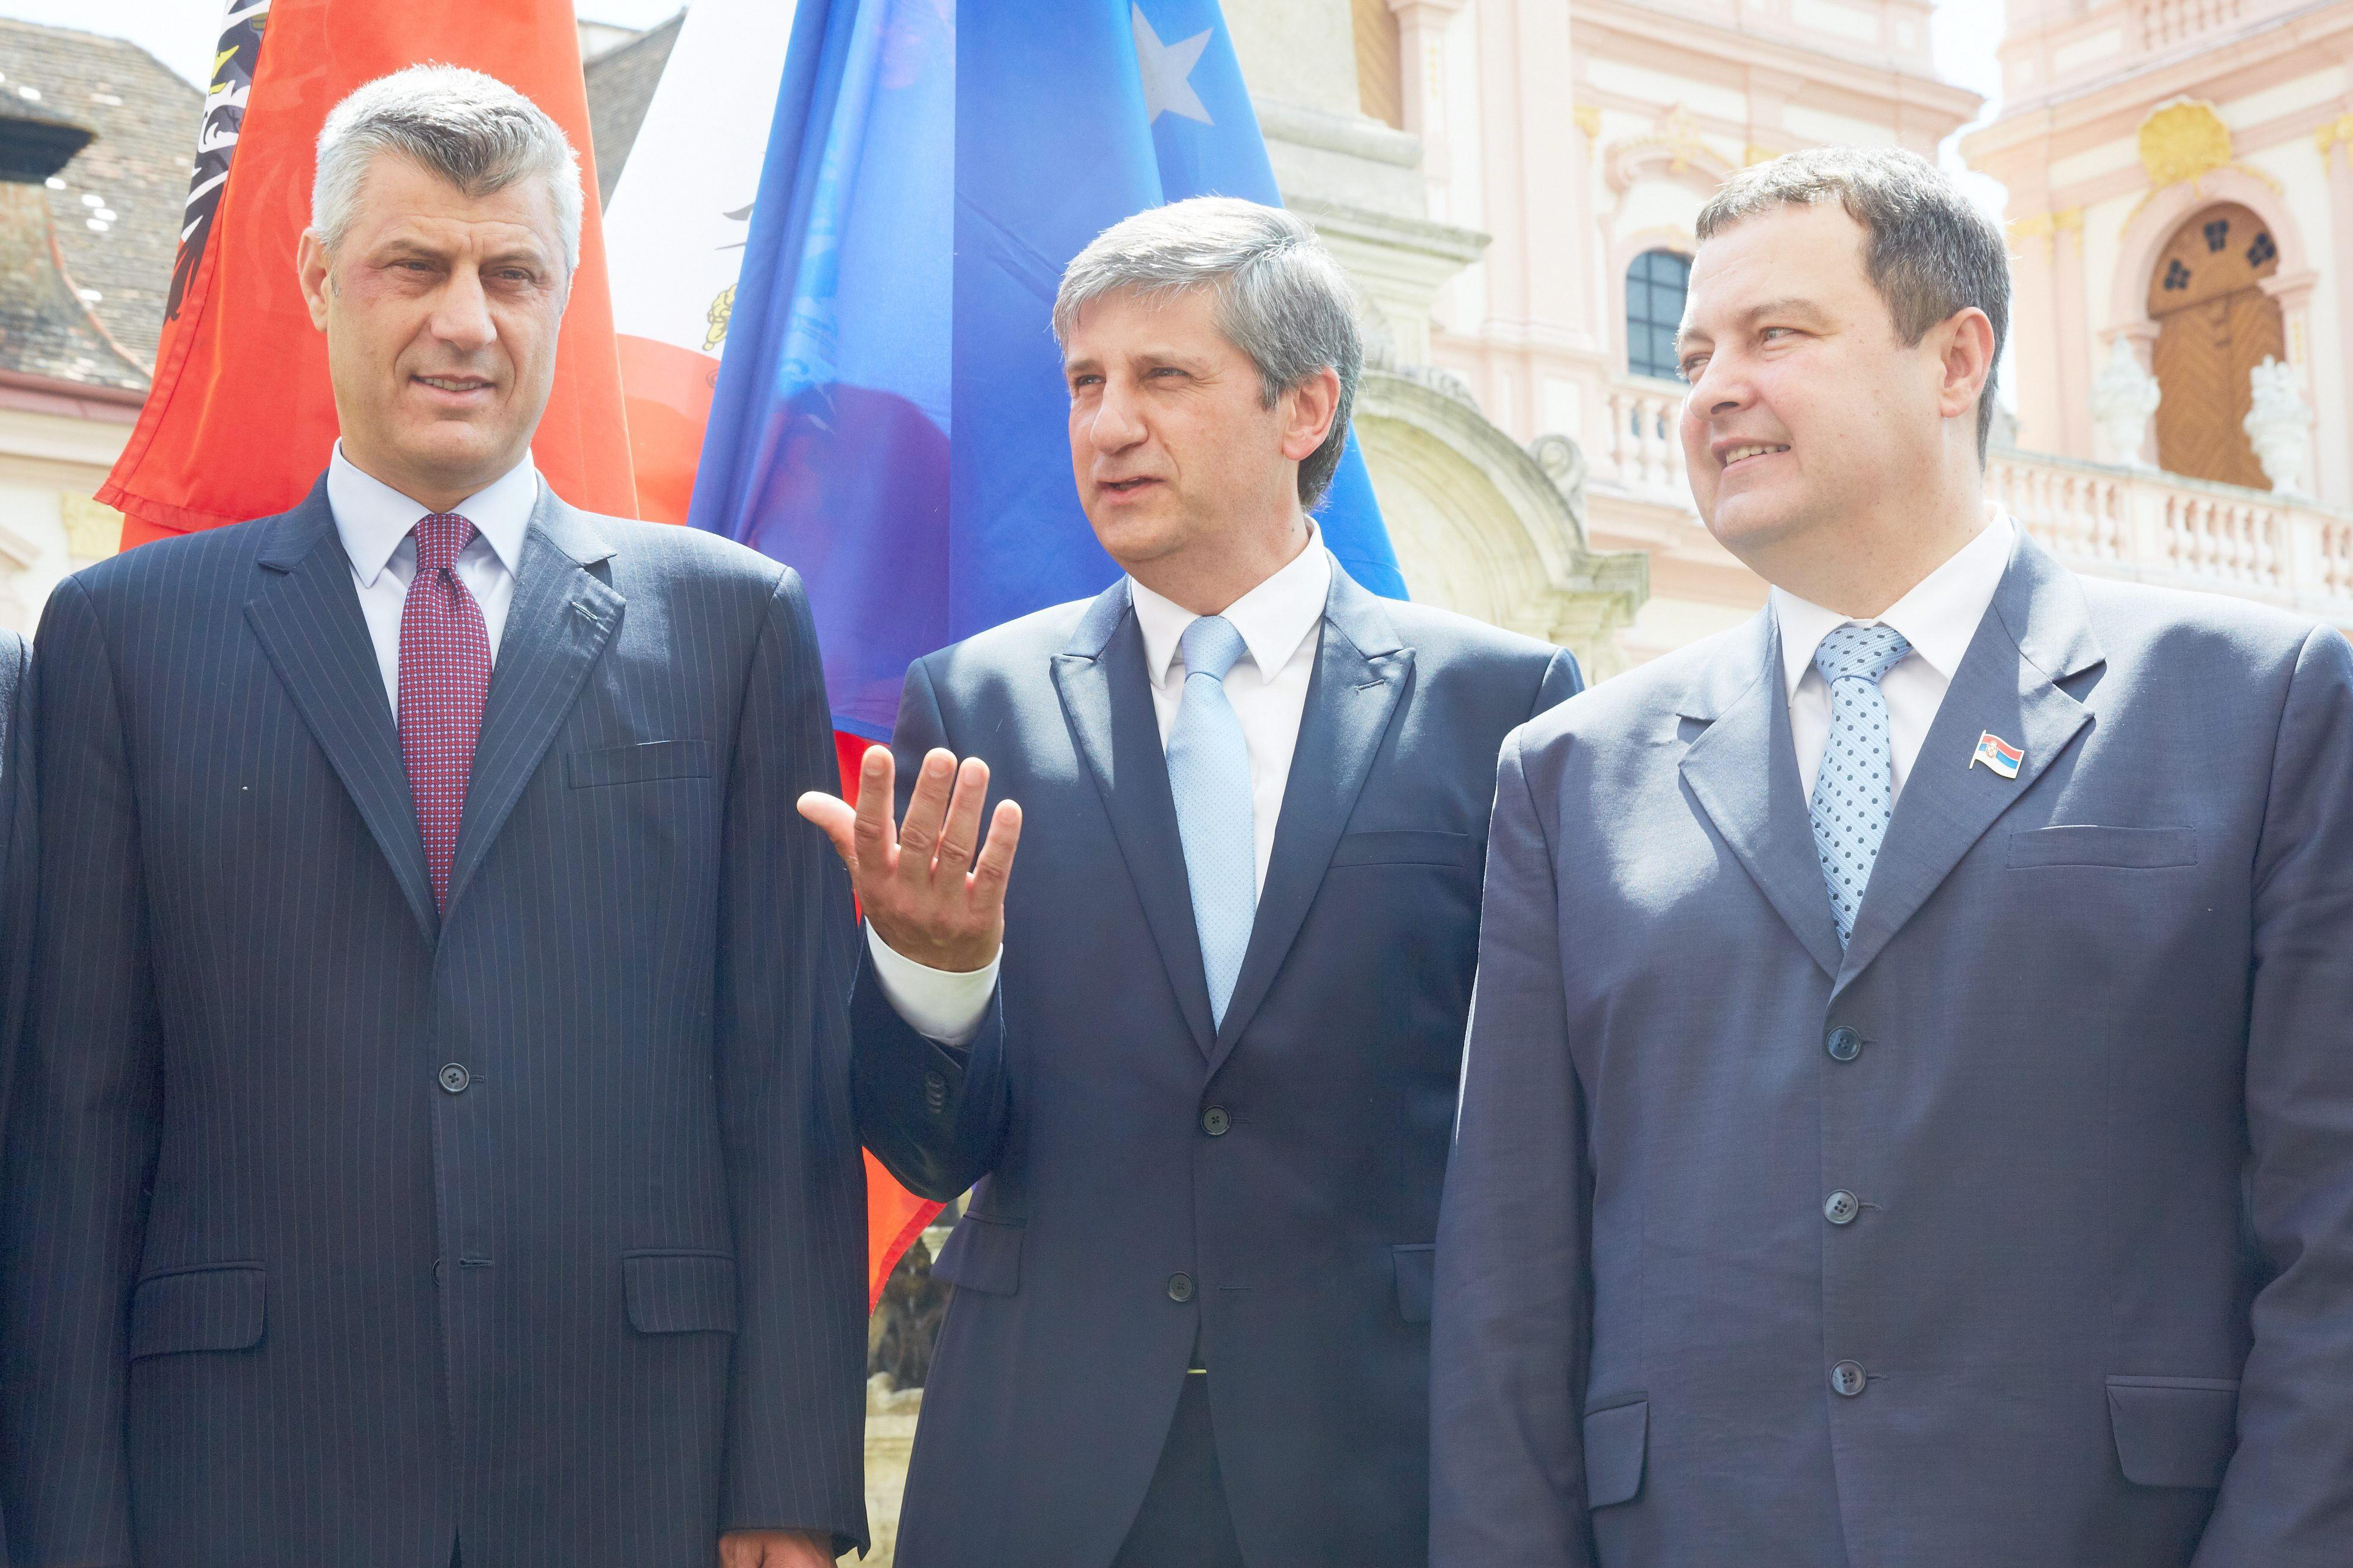 Los oficiales de enlace entre Serbia y Kosovo comienzan su trabajo